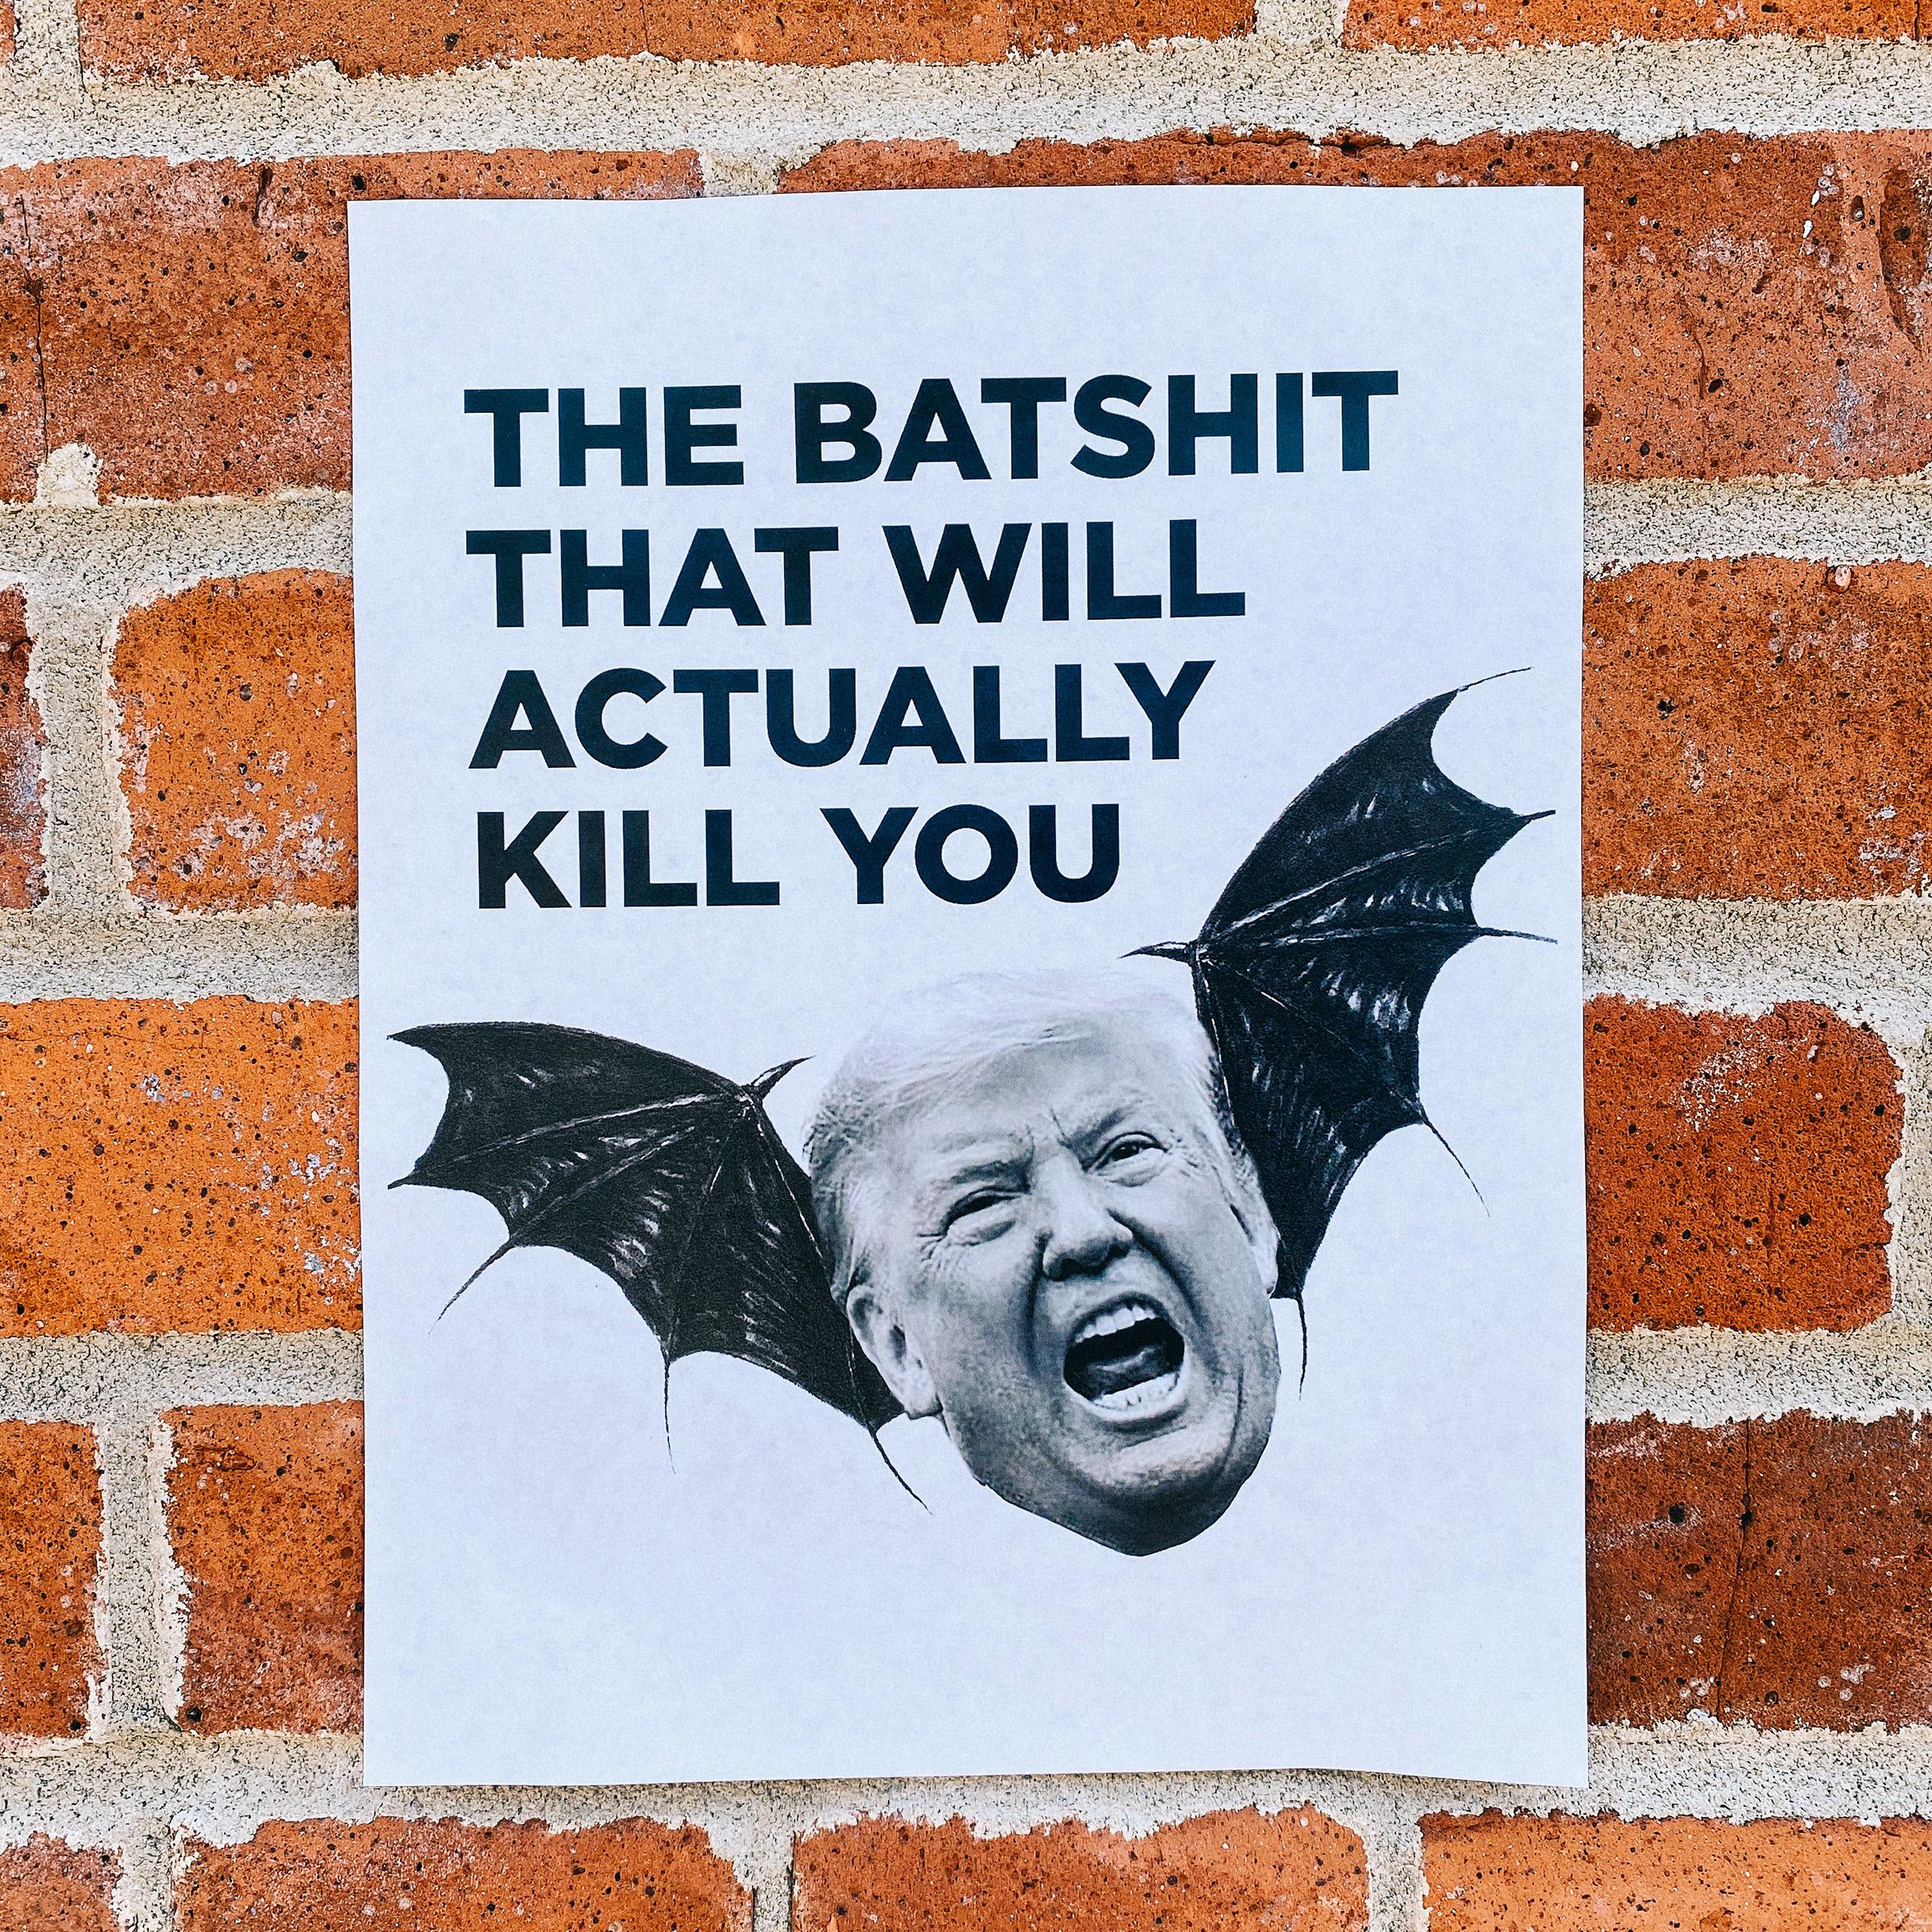 Batshit Trump